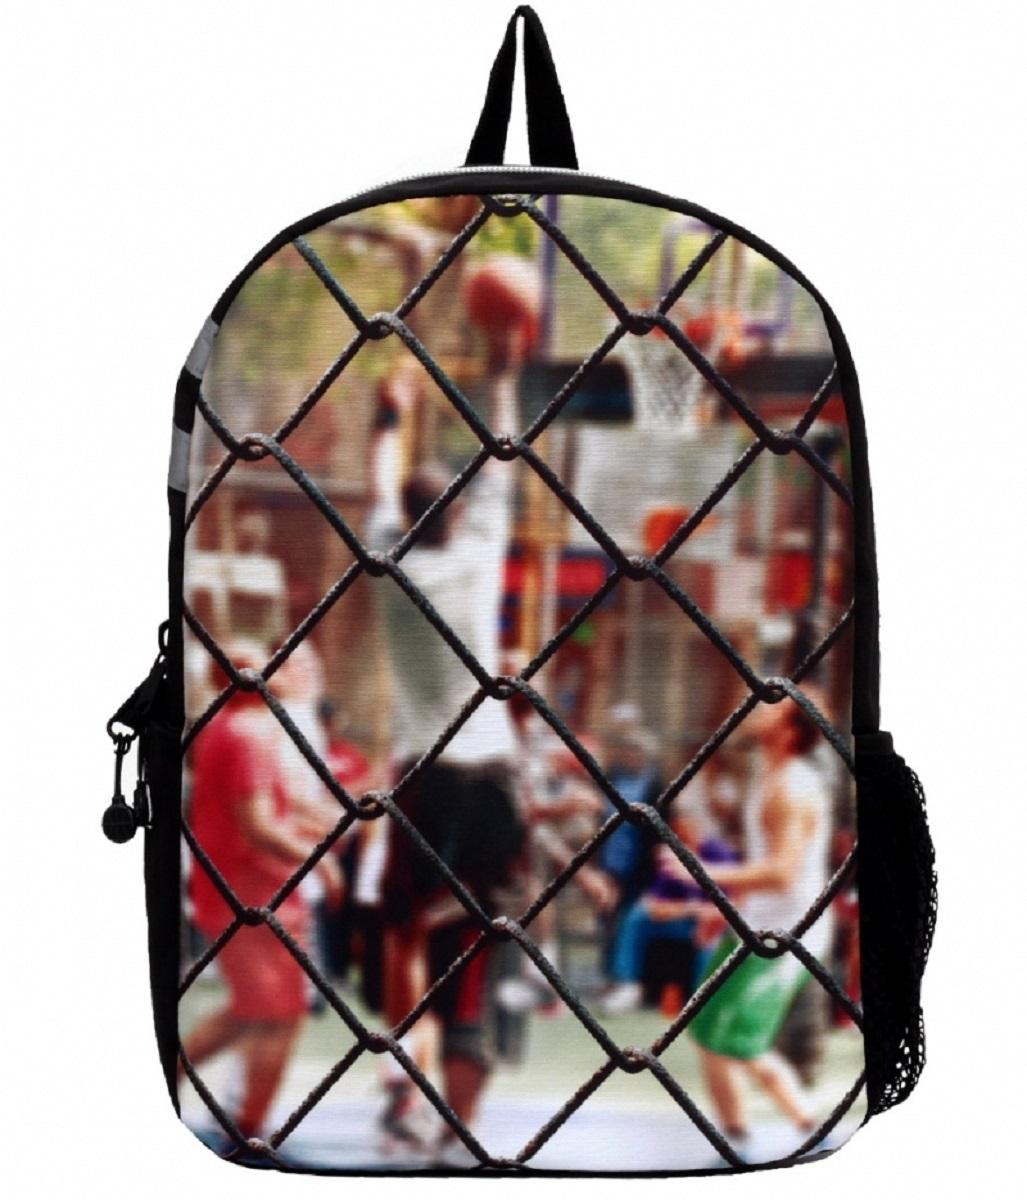 Рюкзак молодежный Mojo Sport Сетка, 20 лKAA9984571Этот стильный рюкзак от Mojo прекрасно сочетает в себе черты спорта и динамичного городского стиля. Расцветка и внешний вид рюкзака в виде сетки ворот и игроков за этой сеткой смотрится очень броско, стильно и оригинально.